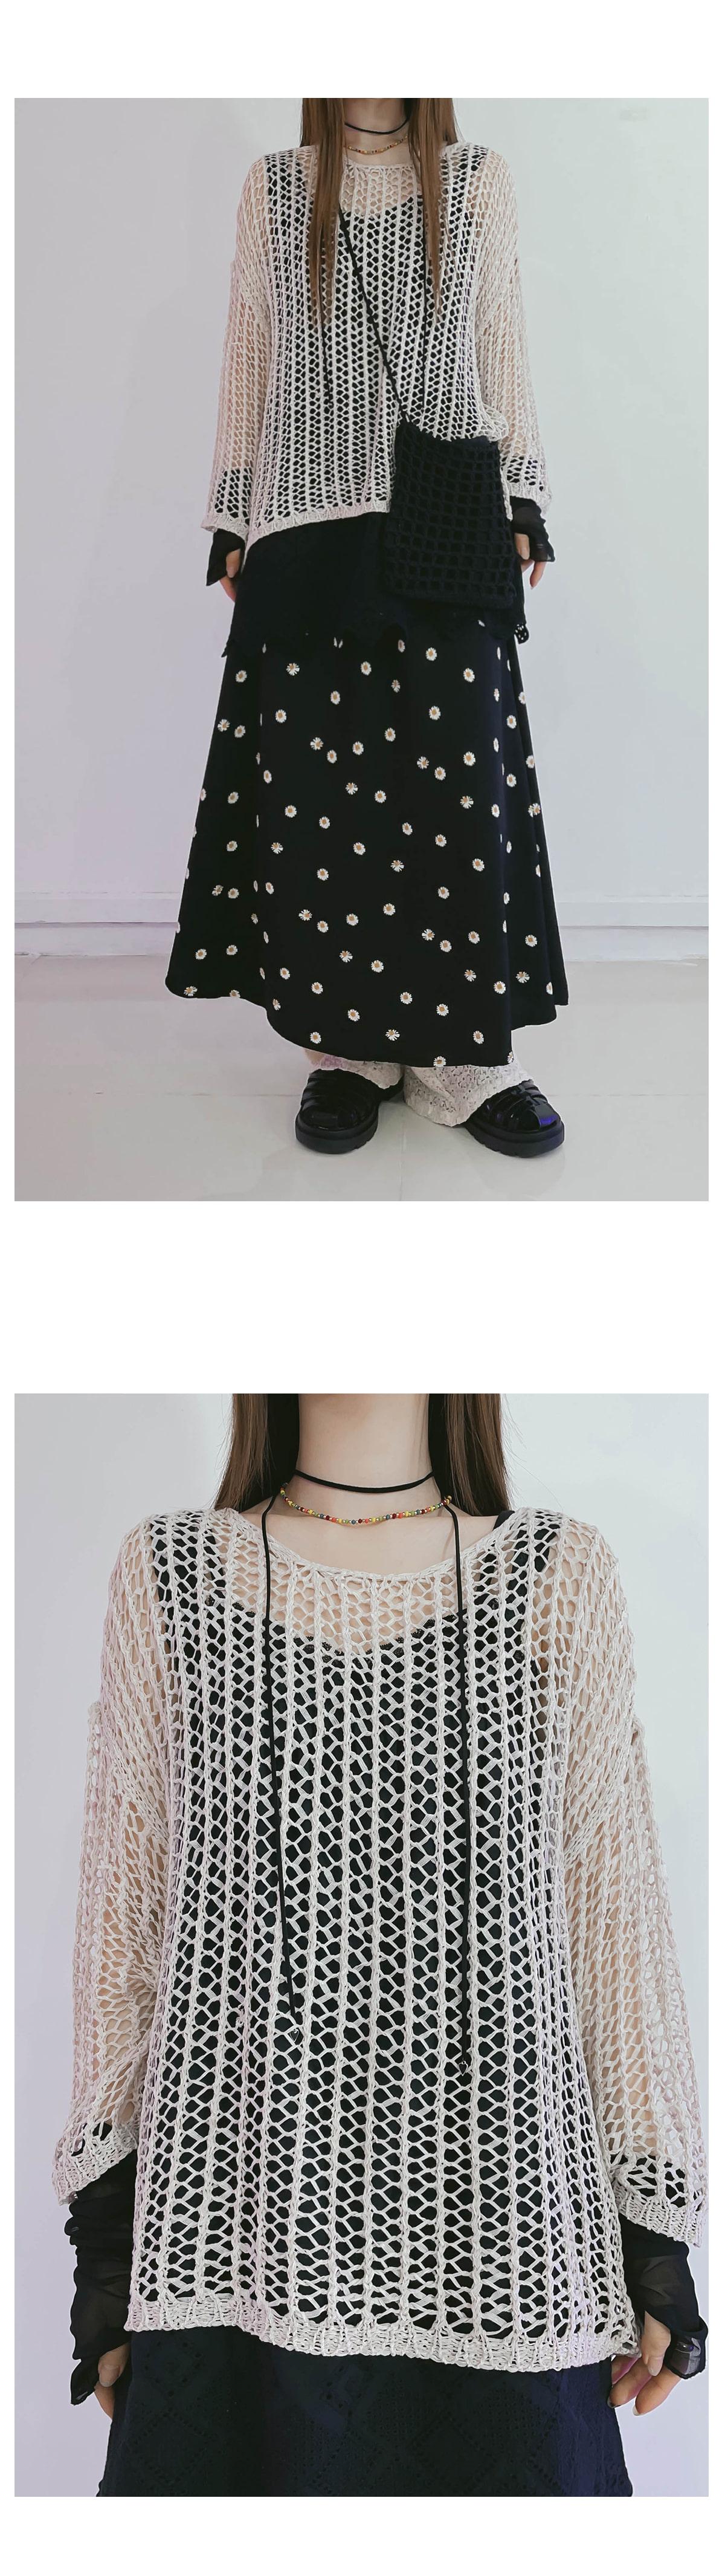 Loose-fit Diet Net Knitwear